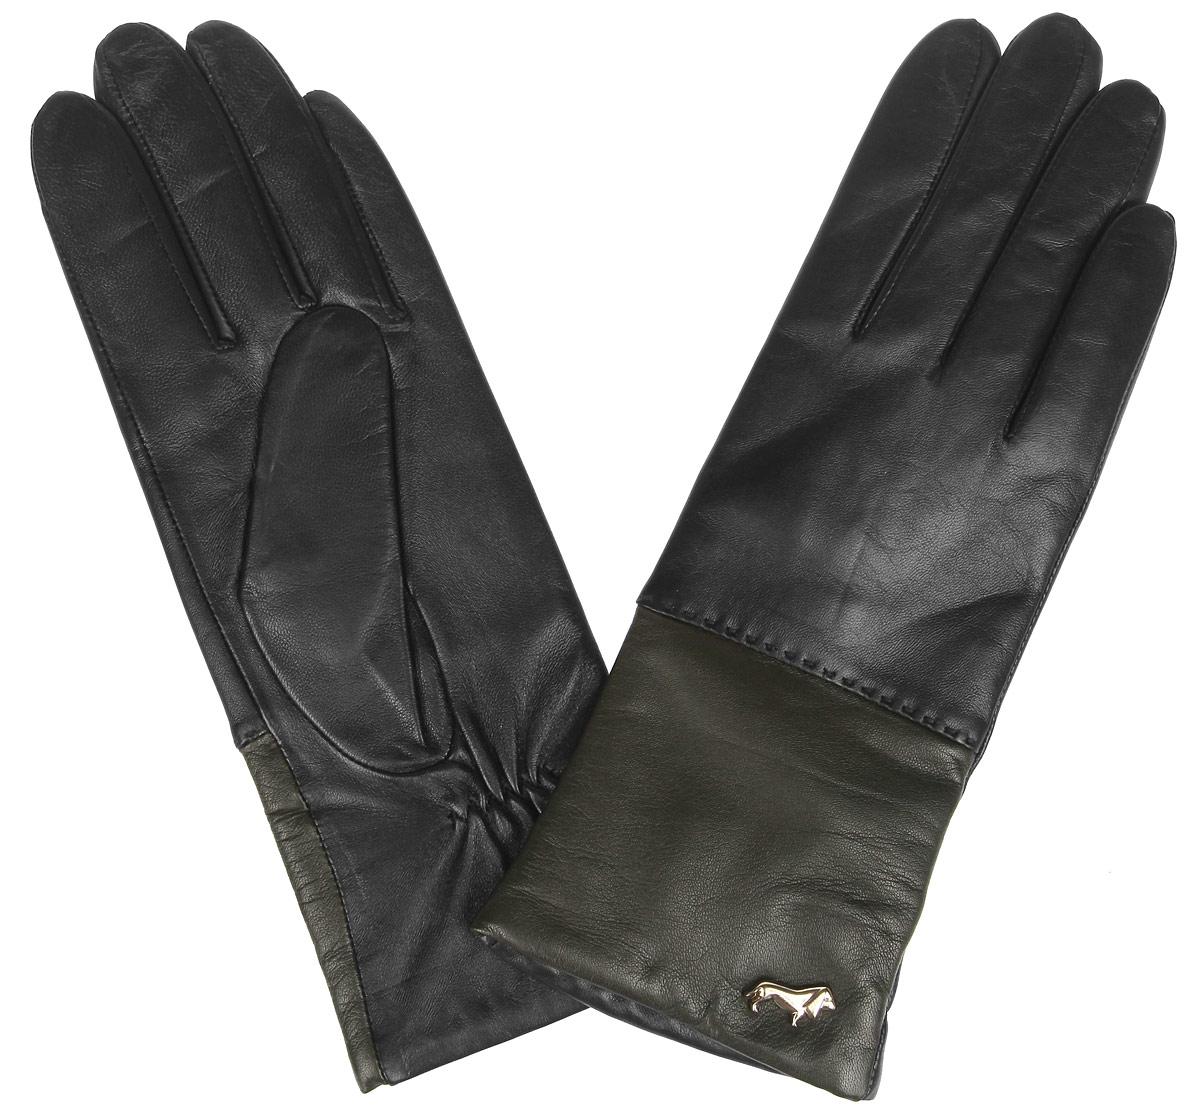 Перчатки женские Labbra, цвет: черный, оливковый. LB-7777. Размер 8LB-7777Женские перчатки Labbra не только защитят ваши руки от холода, но и станут стильным украшением. Перчатки выполнены из натуральной кожи ягненка. Они мягкие, максимально сохраняют тепло, идеально сидят на руке. Подкладка изделия изготовлена из шерсти с добавлением акрила.Лицевая сторона изделия дополнена декоративным элементом в виде логотипа бренда. На запястье модель присборена на небольшие эластичные резинки.Перчатки станут завершающим элементом вашего неповторимого стиля и подчеркнут вашу индивидуальность.